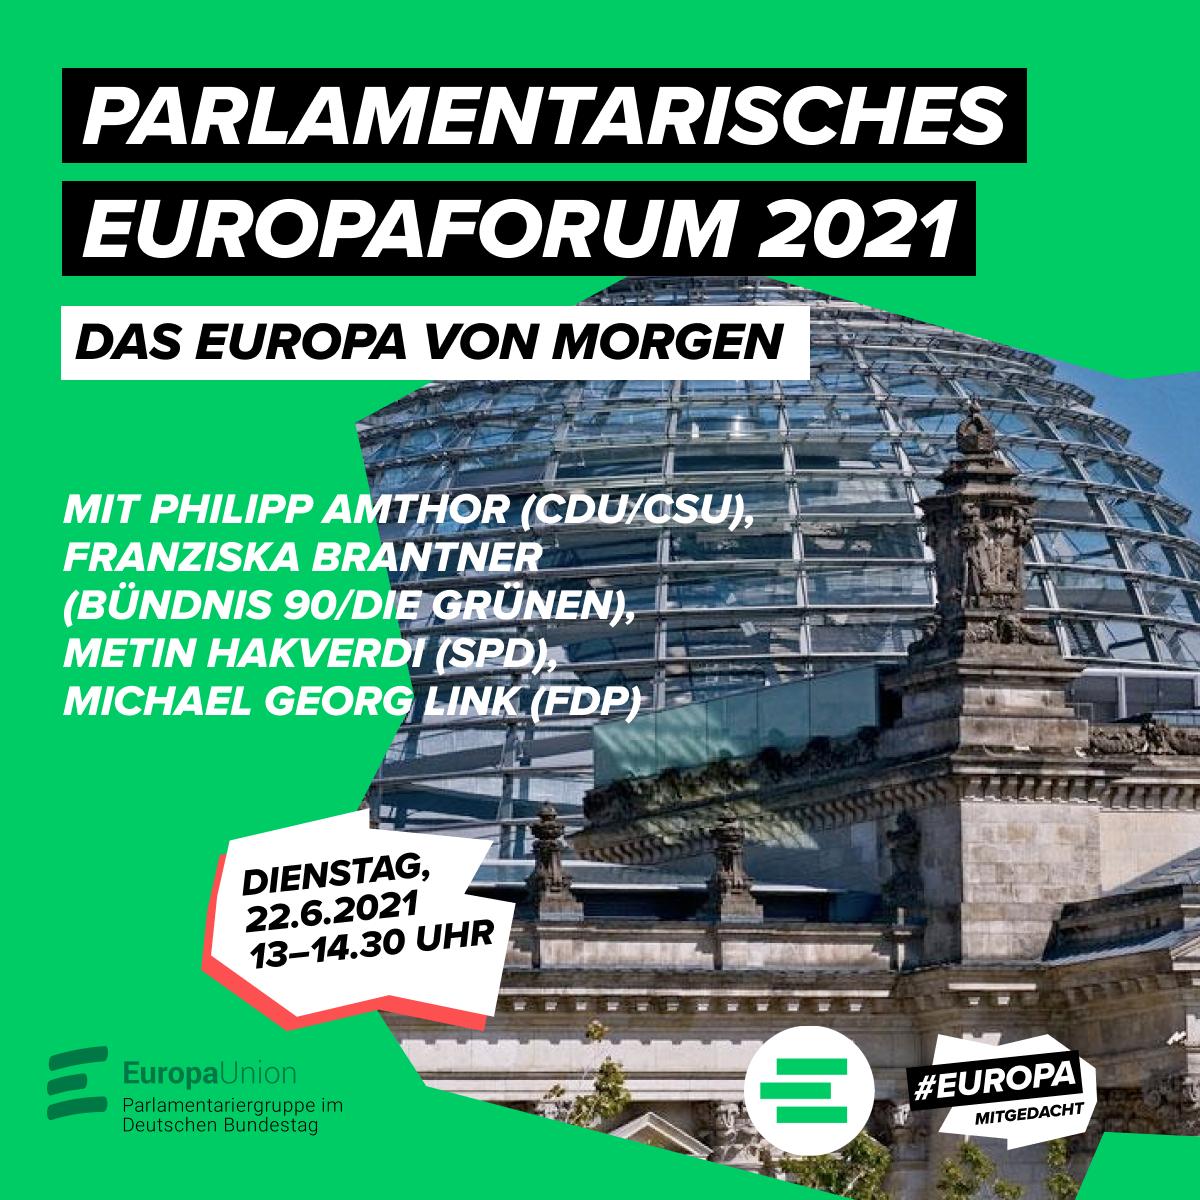 Parlamentarisches Europaforum 2021